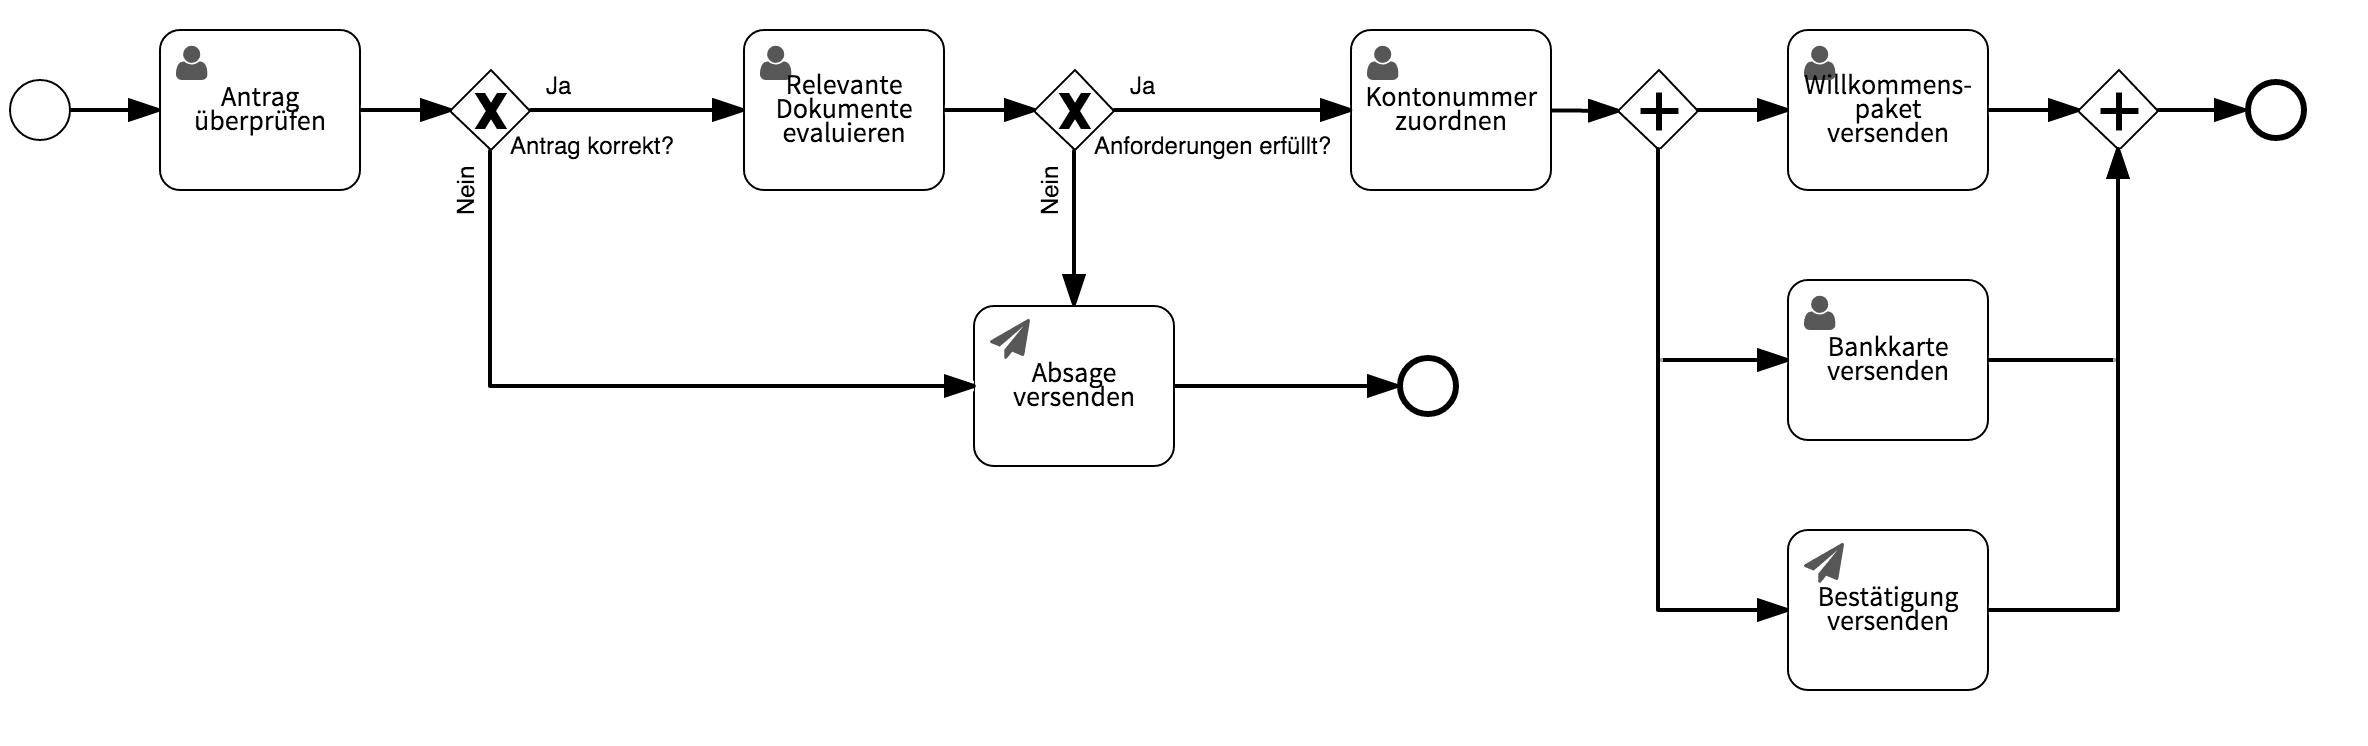 Workflow Beispiel: Kundenkonto eröffnen